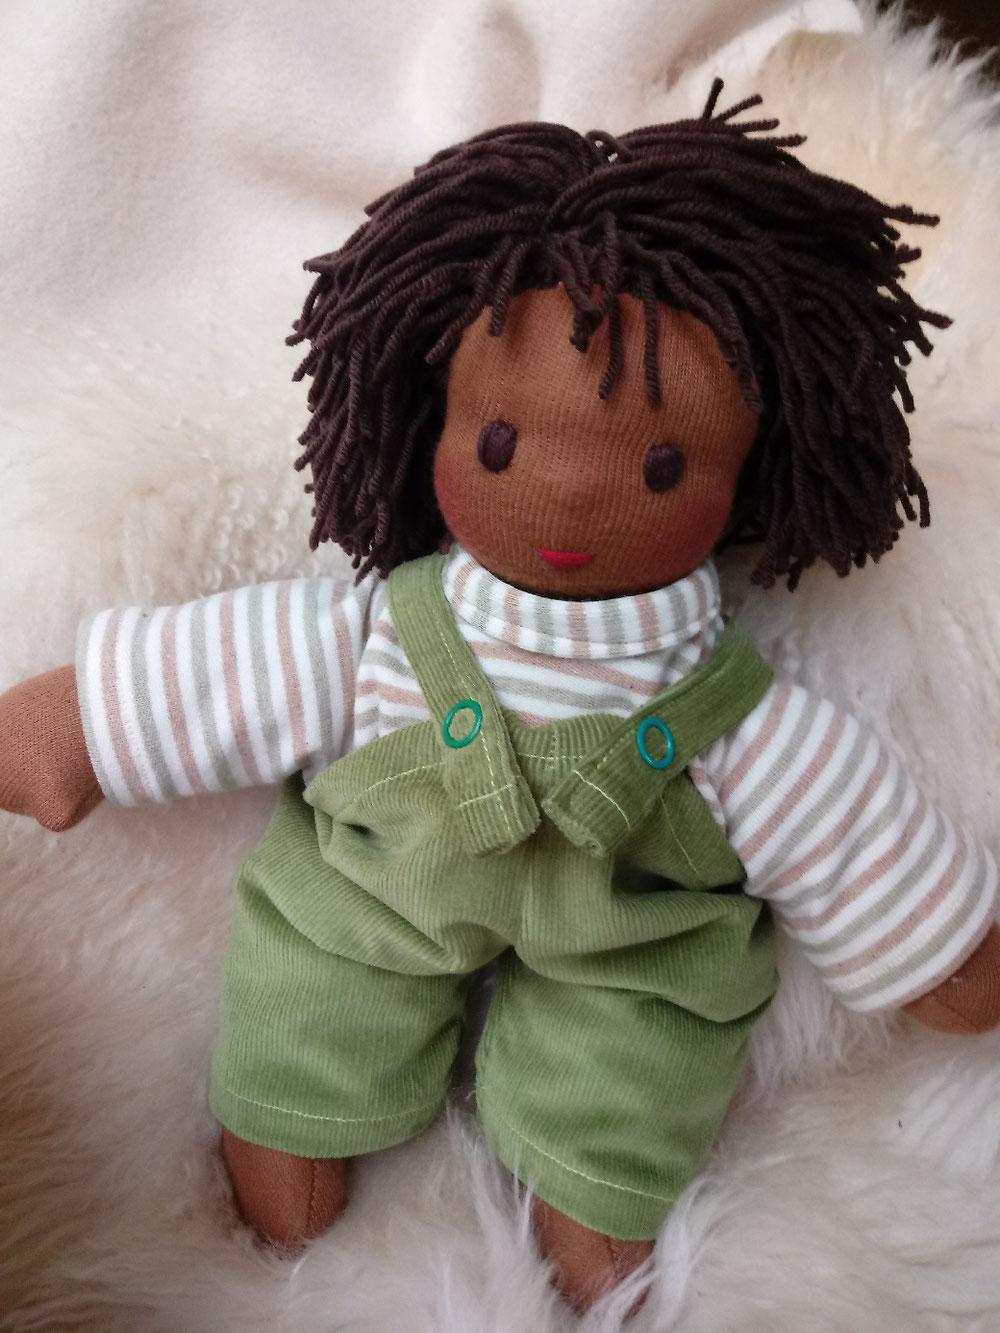 Bio-Stoffpuppe, individuelle Puppe pssend zum Kind, Waldorfart, schwarze Puppe, Empowerment, genderneutral, Erziehung, Wunschpuppe, ökologische Kinderpuppe, bio-fair, ökofairliebt, Selbstakzeptanz, Naturmaterial, Puppenhandwerk, erste Puppe, Schlamperle